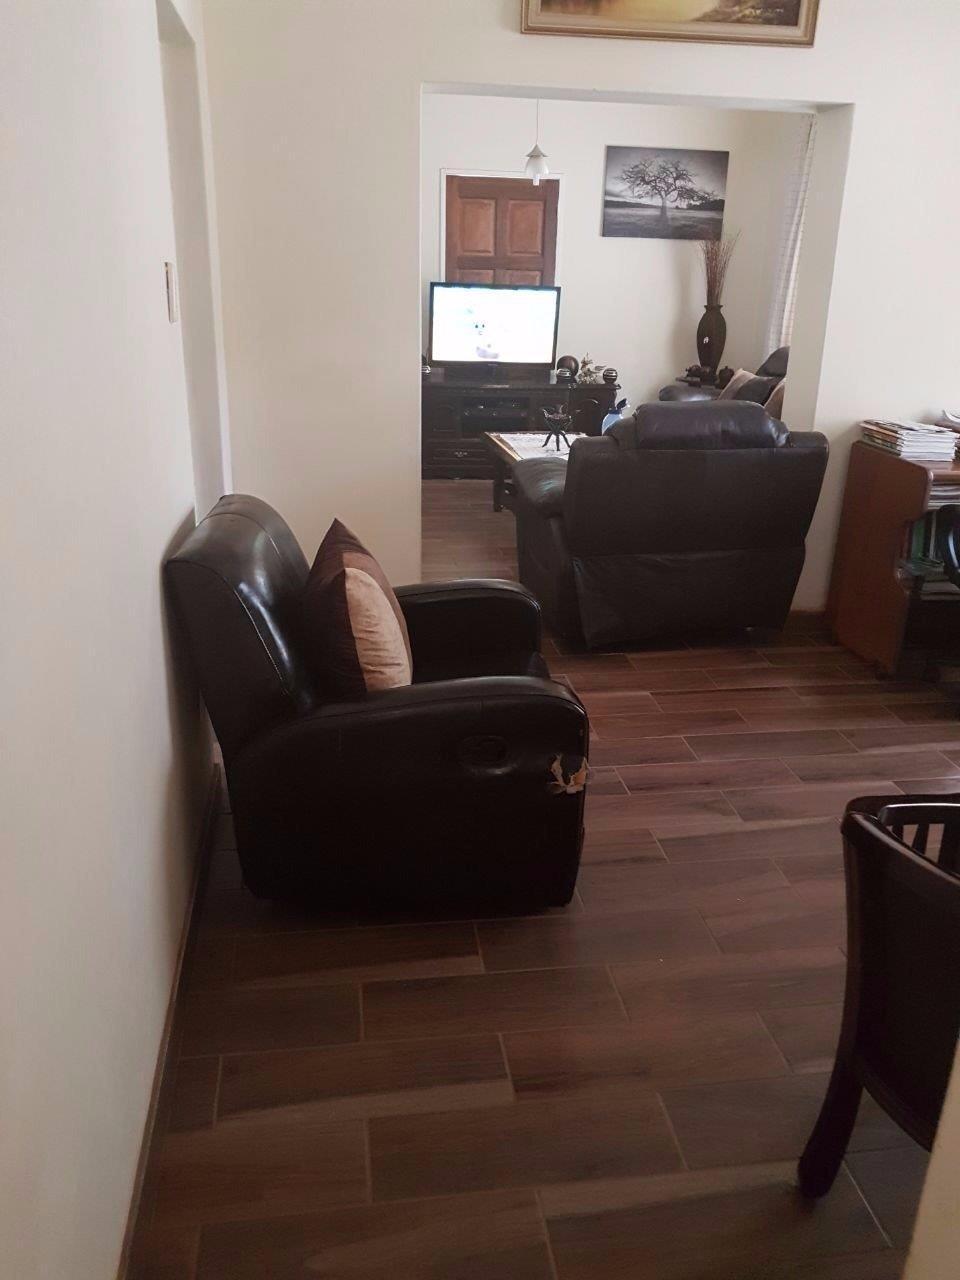 Pretoria North property for sale. Ref No: 13566745. Picture no 4